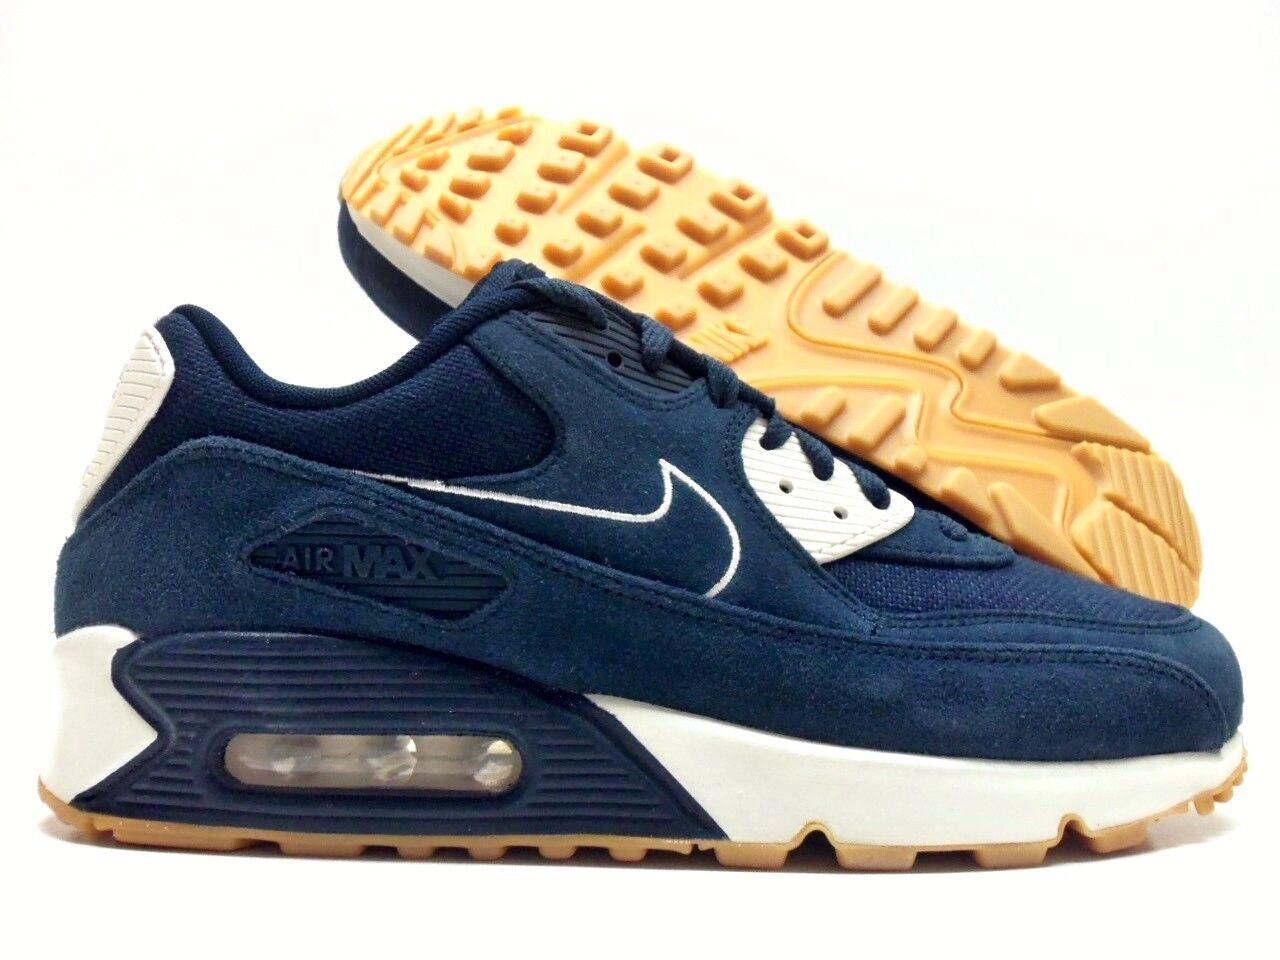 Nike air max 90 premium - arsenal größe navy / segel größe arsenal männer 9,5 (700155-403] a54fb2